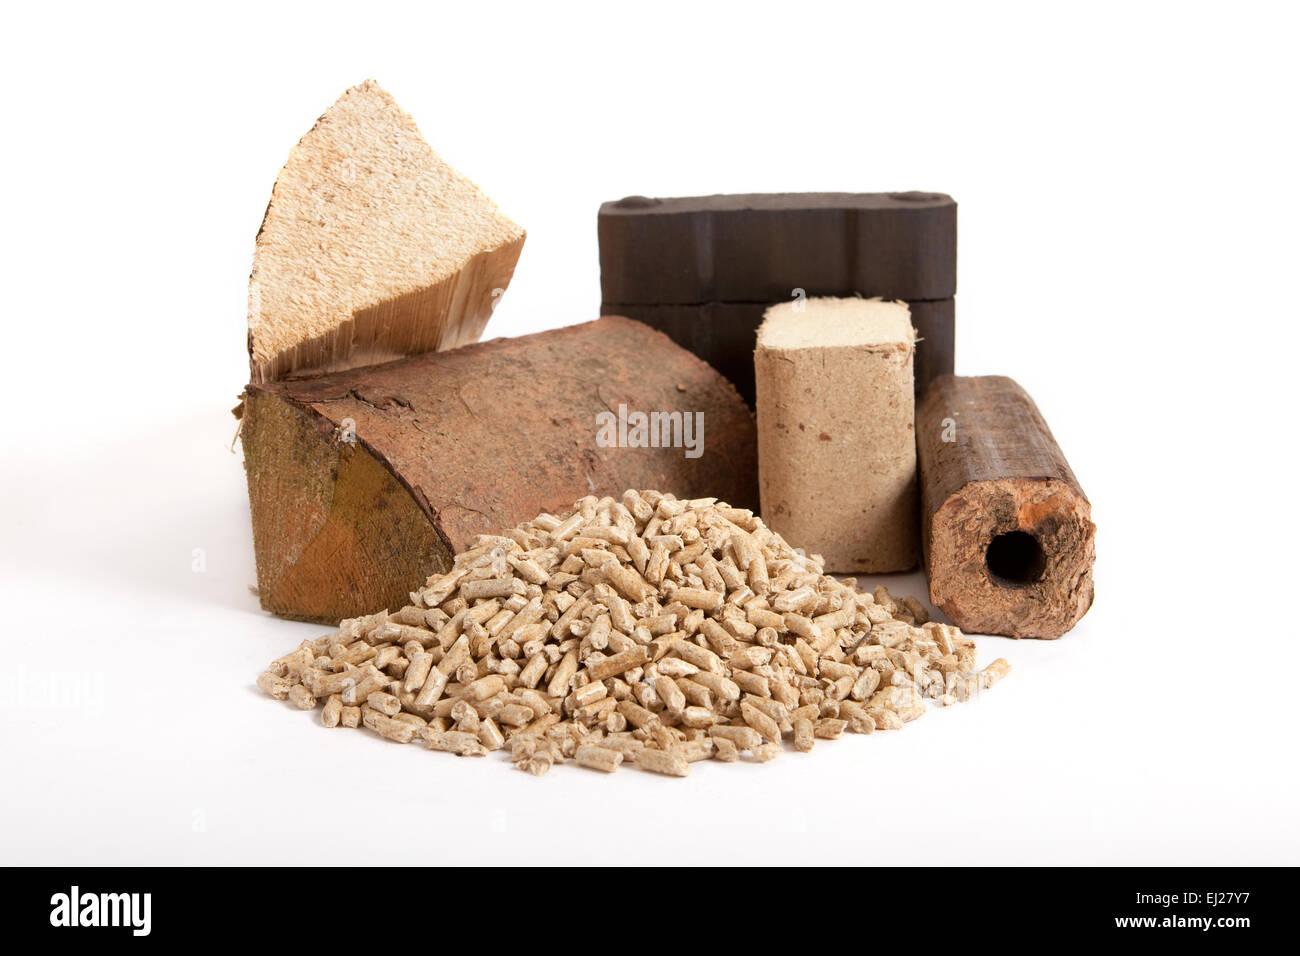 Raccolta di combustibili fossili su sfondo bianco, isolata, legna da ardere, carbone, bricchetti di legno forno Immagini Stock